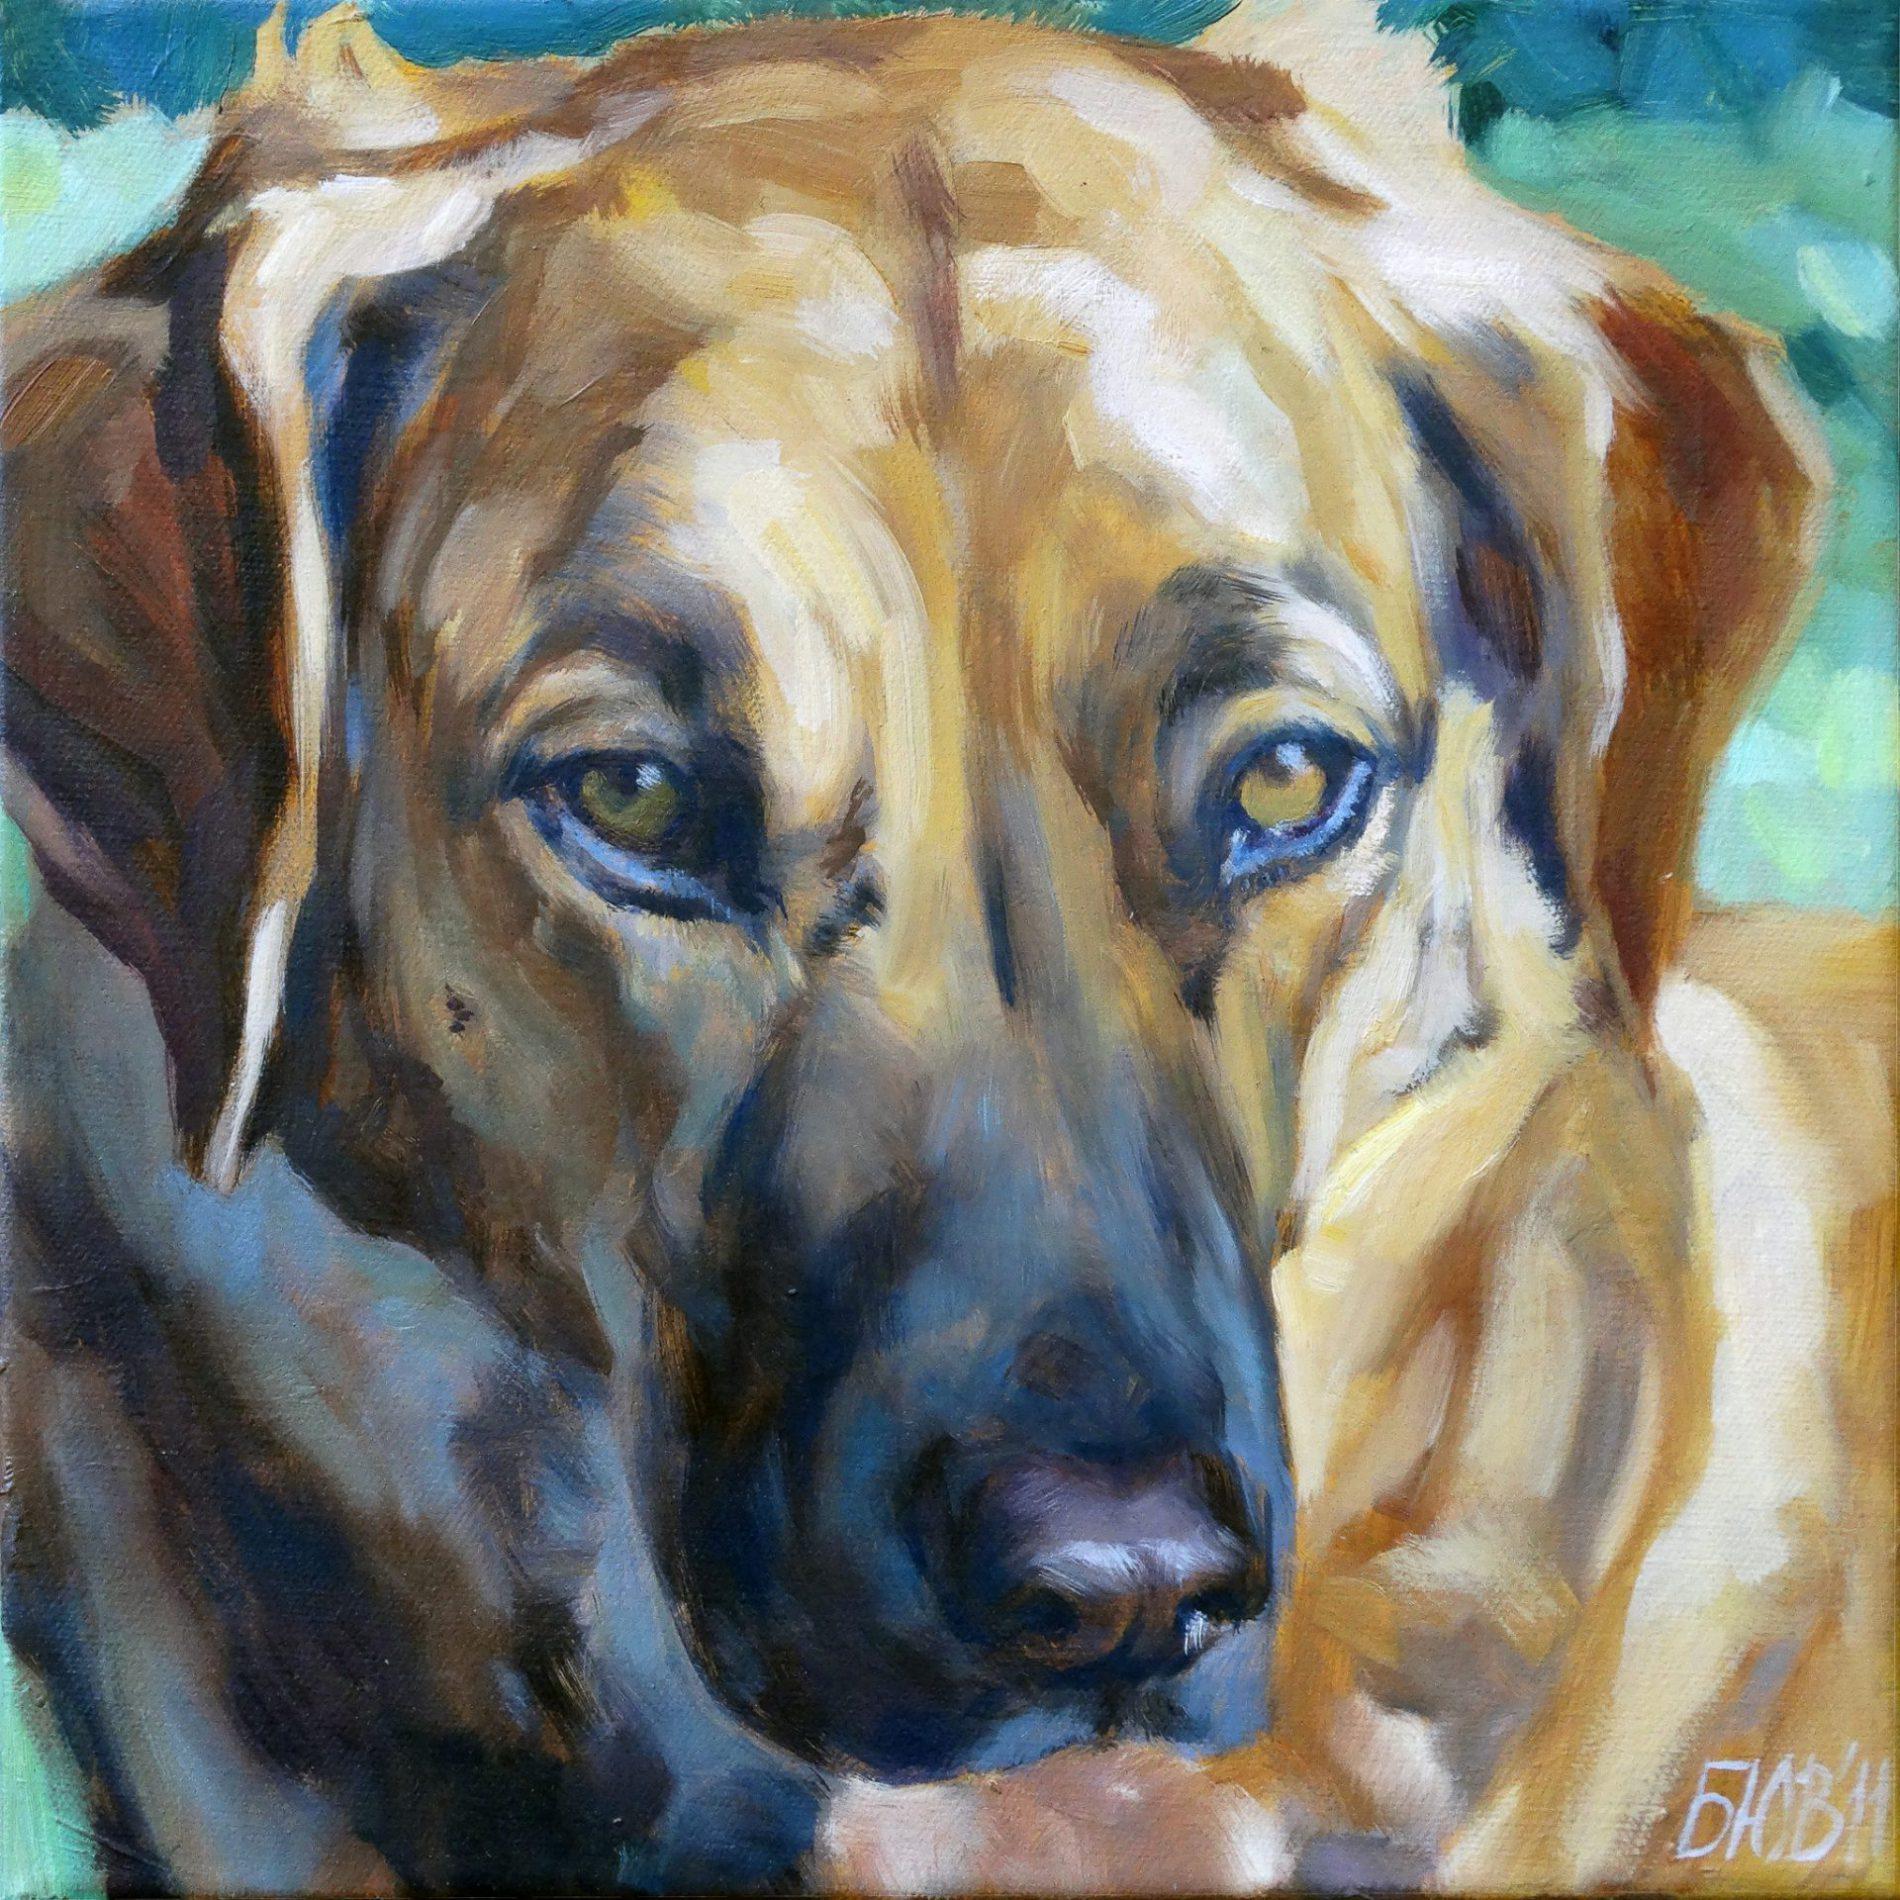 Gemälde von Julia Belot: Tierportrait, Max, Öl auf Leinwand, 30 cm x 30 cm, 2011